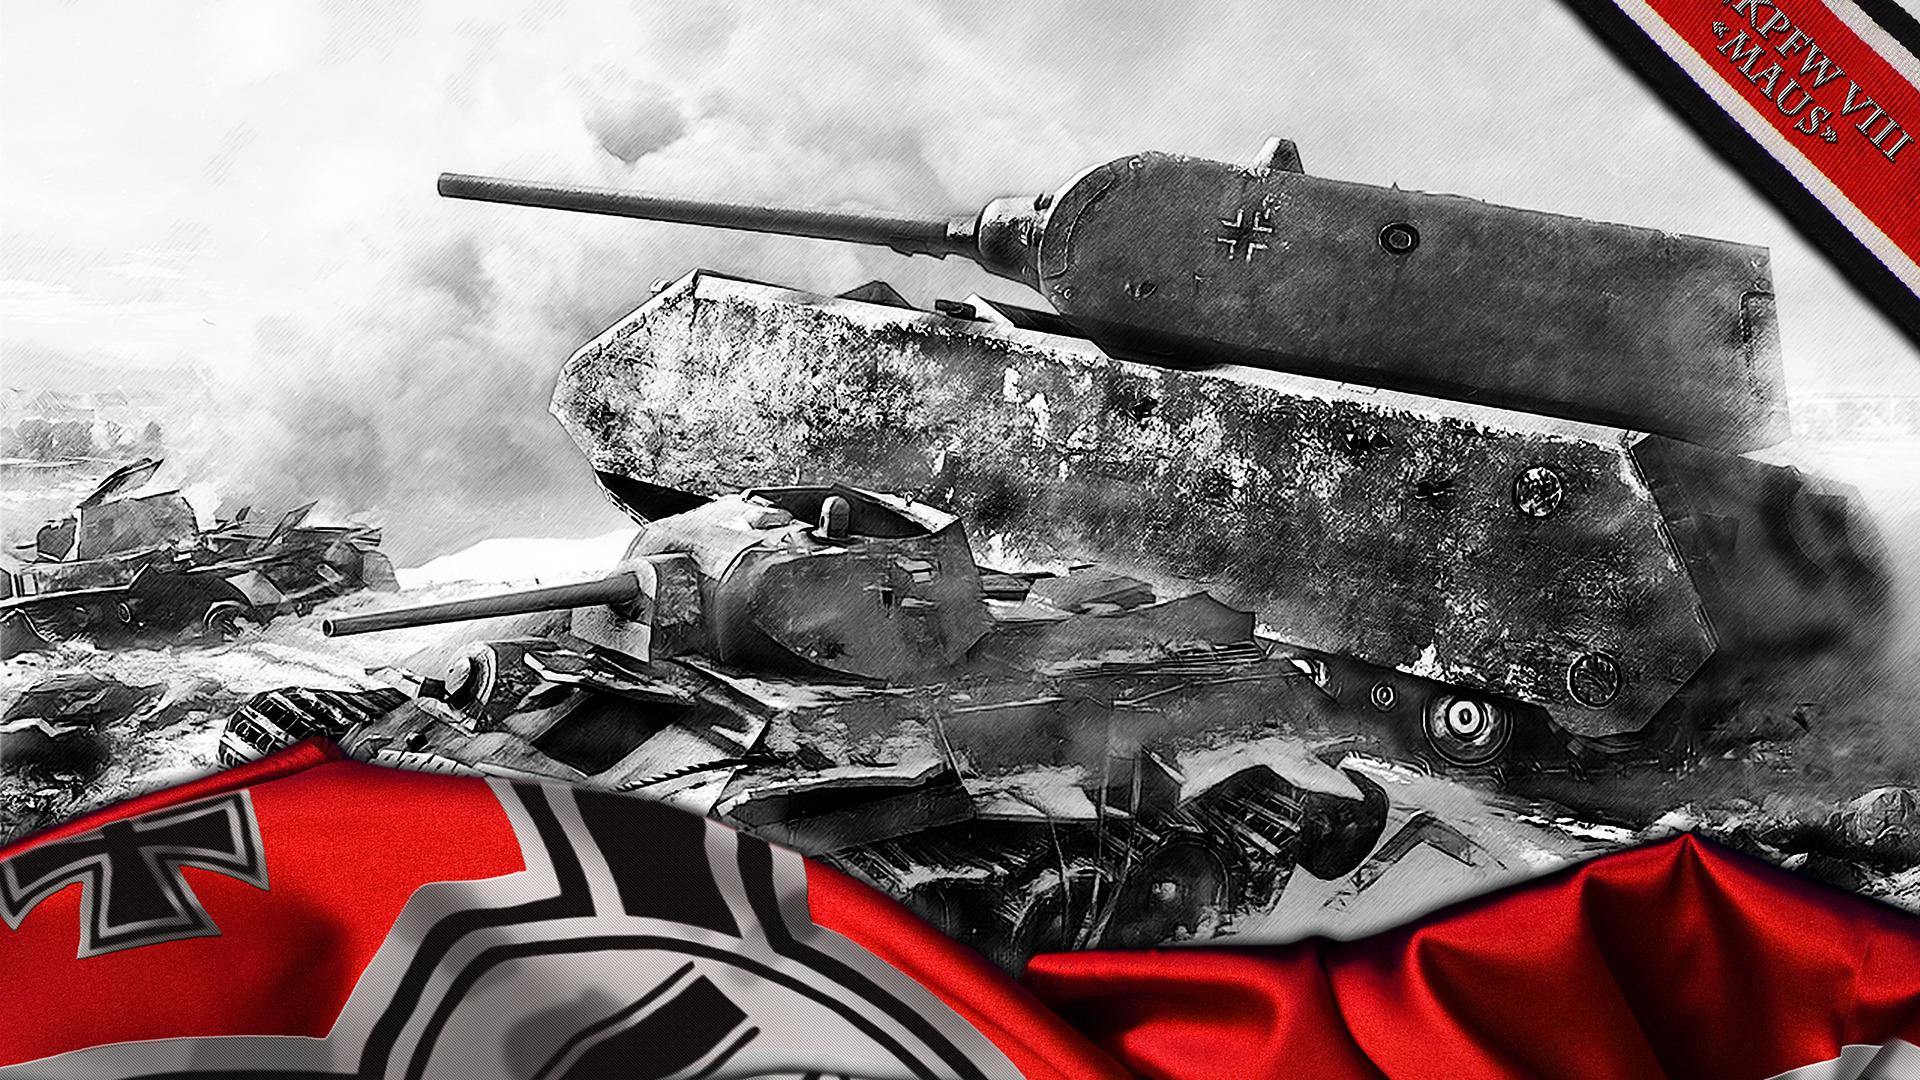 World of Tanks Обои на рабочий стол заставки картинки